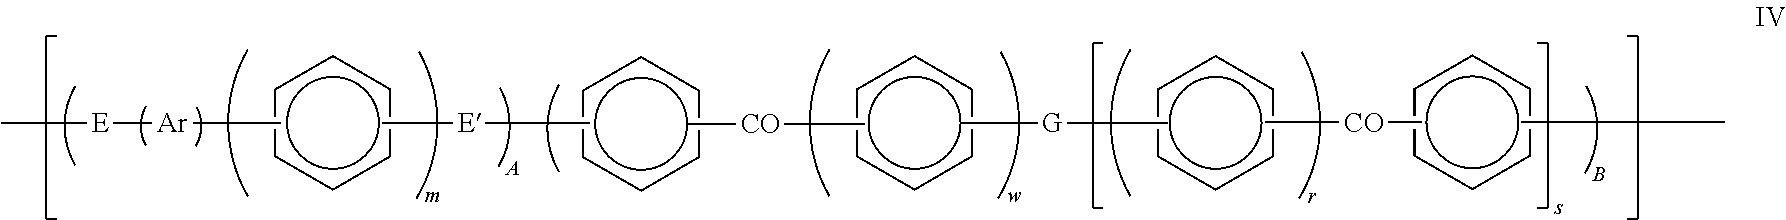 Figure US20110151259A1-20110623-C00012